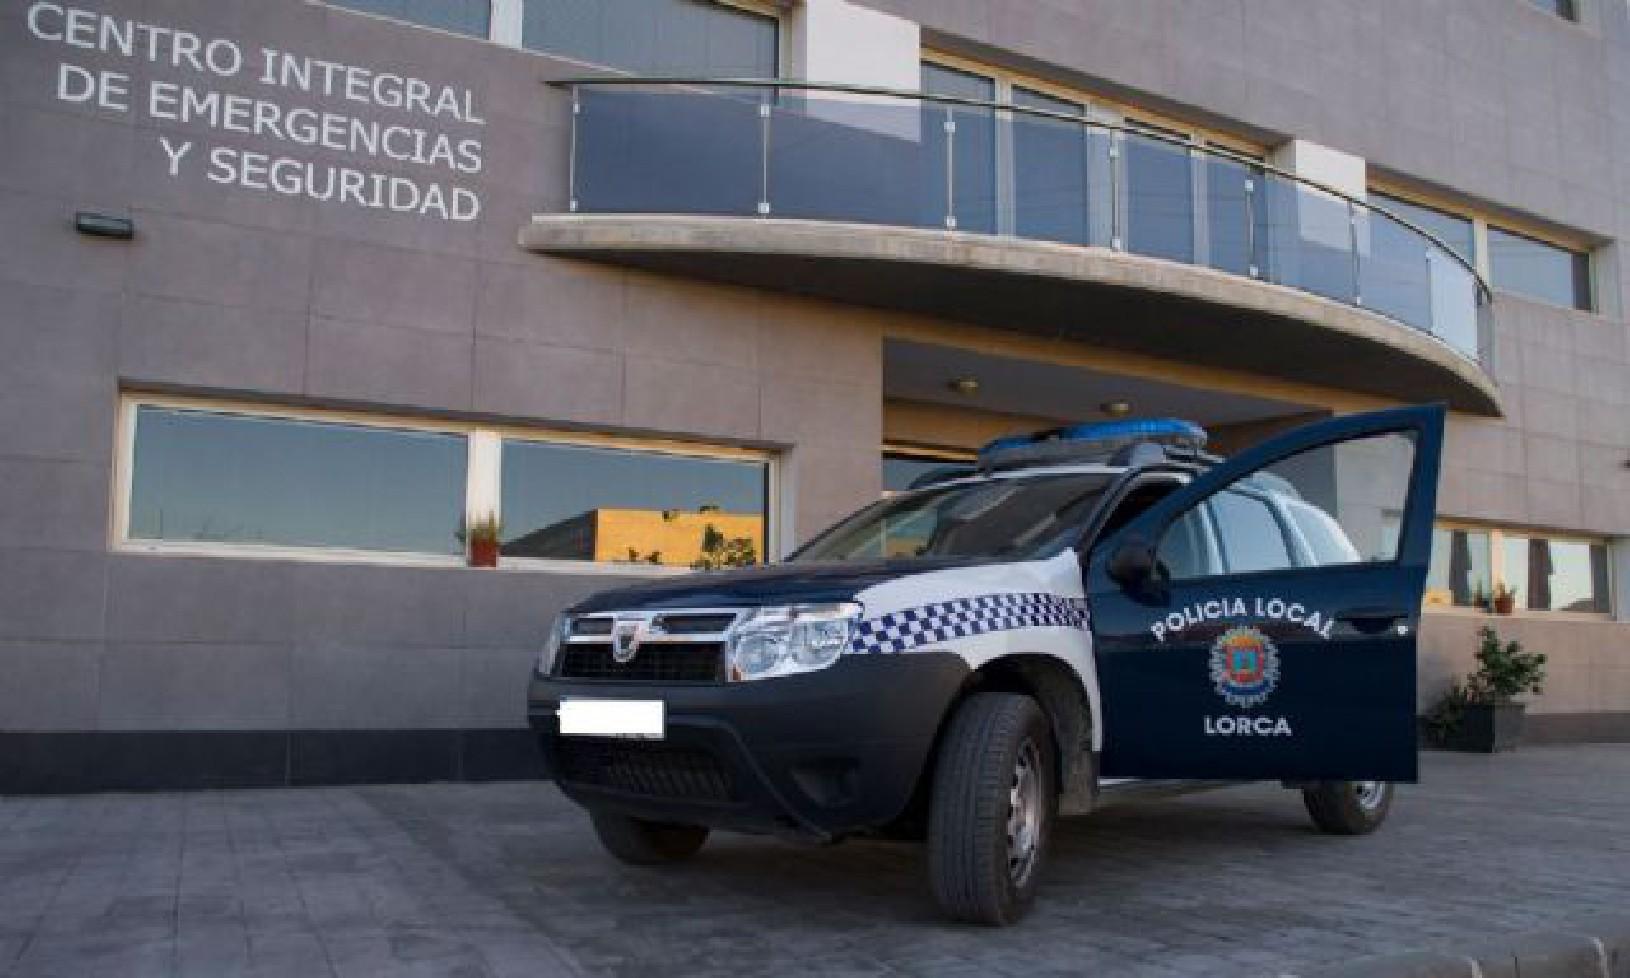 La Policía Local interpuso 170 denuncias por no respetar las medidas anticovid con un aumento considerable del incumplimiento del uso obligatorio de mascarillas